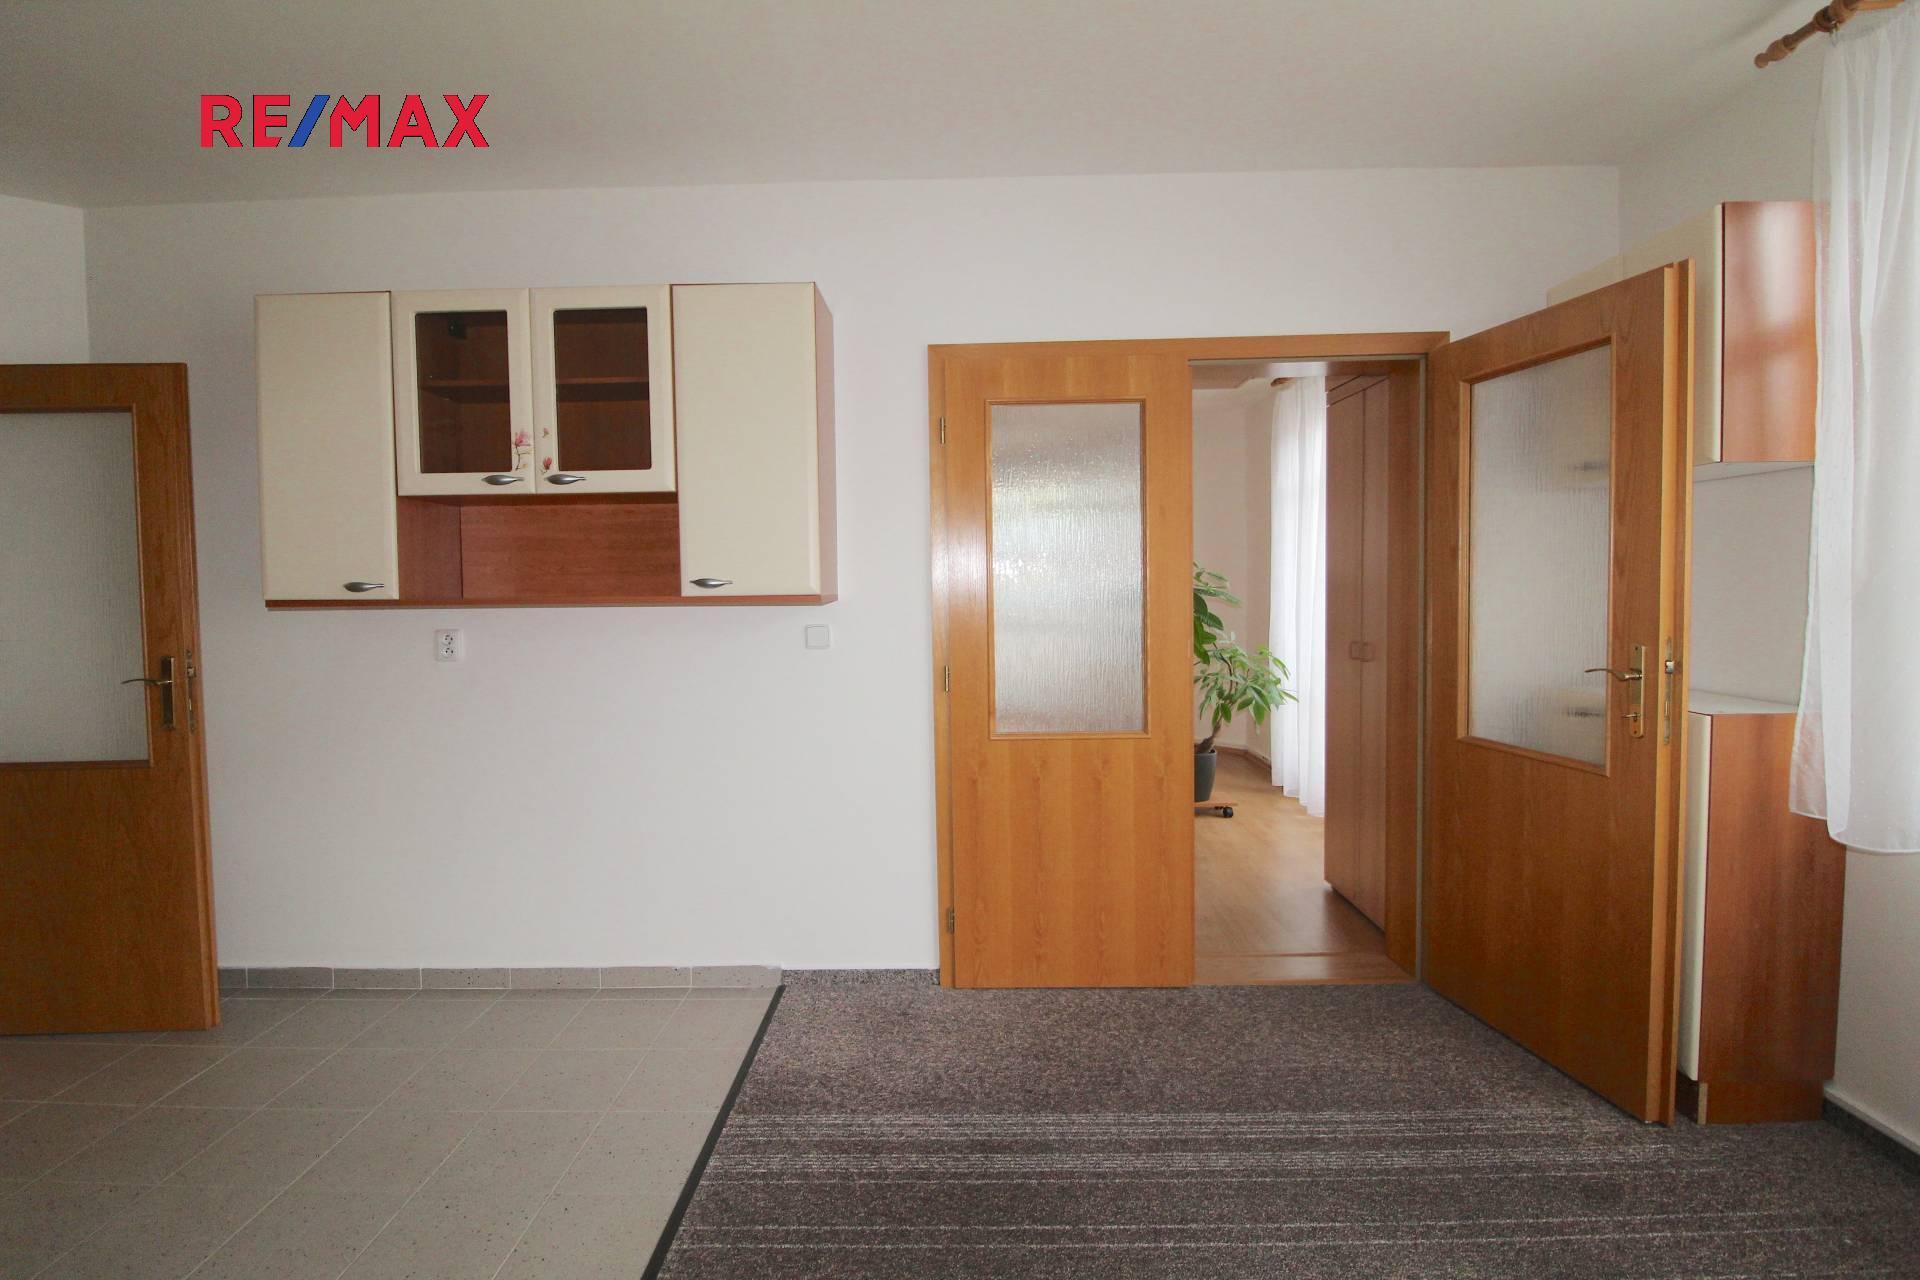 Pronájem bytu 1+1 85 m2 s 2 terasami 11 m2 a garážovým stáním v ulici Paříkova Praha 9 Vysočany